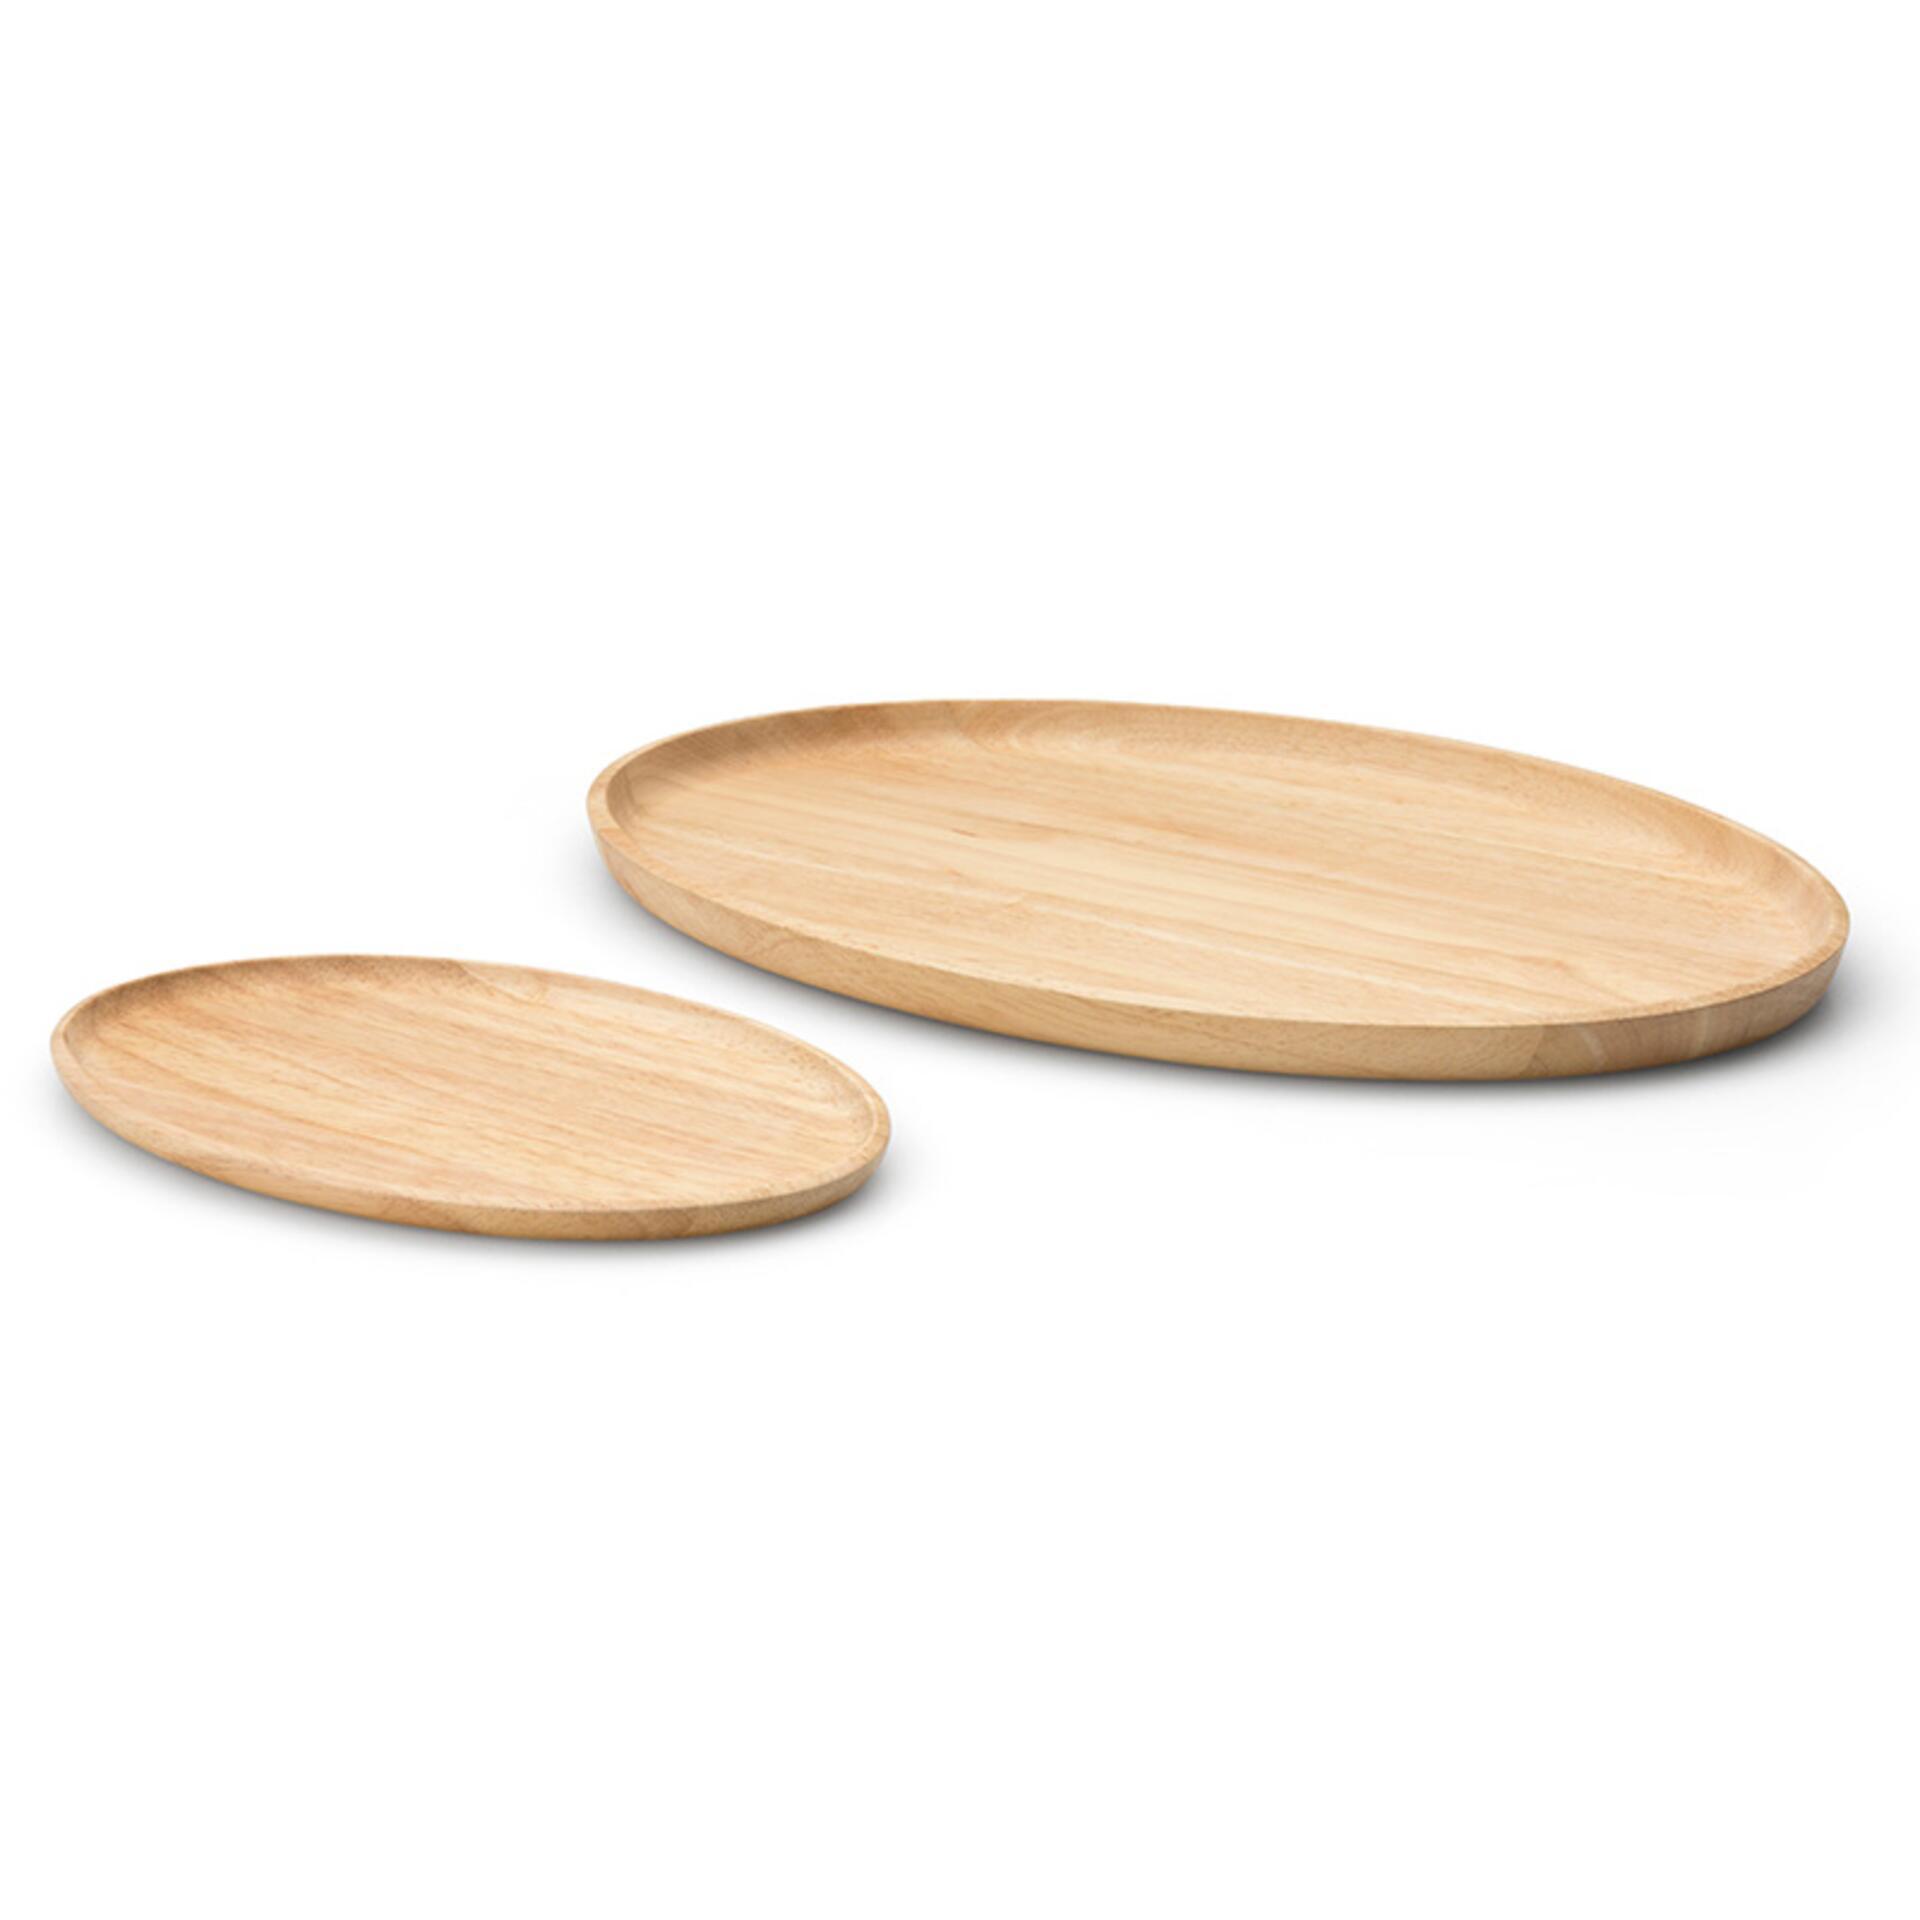 Continenta Tablett oval Holz 36,5 x 25 x 2 cm